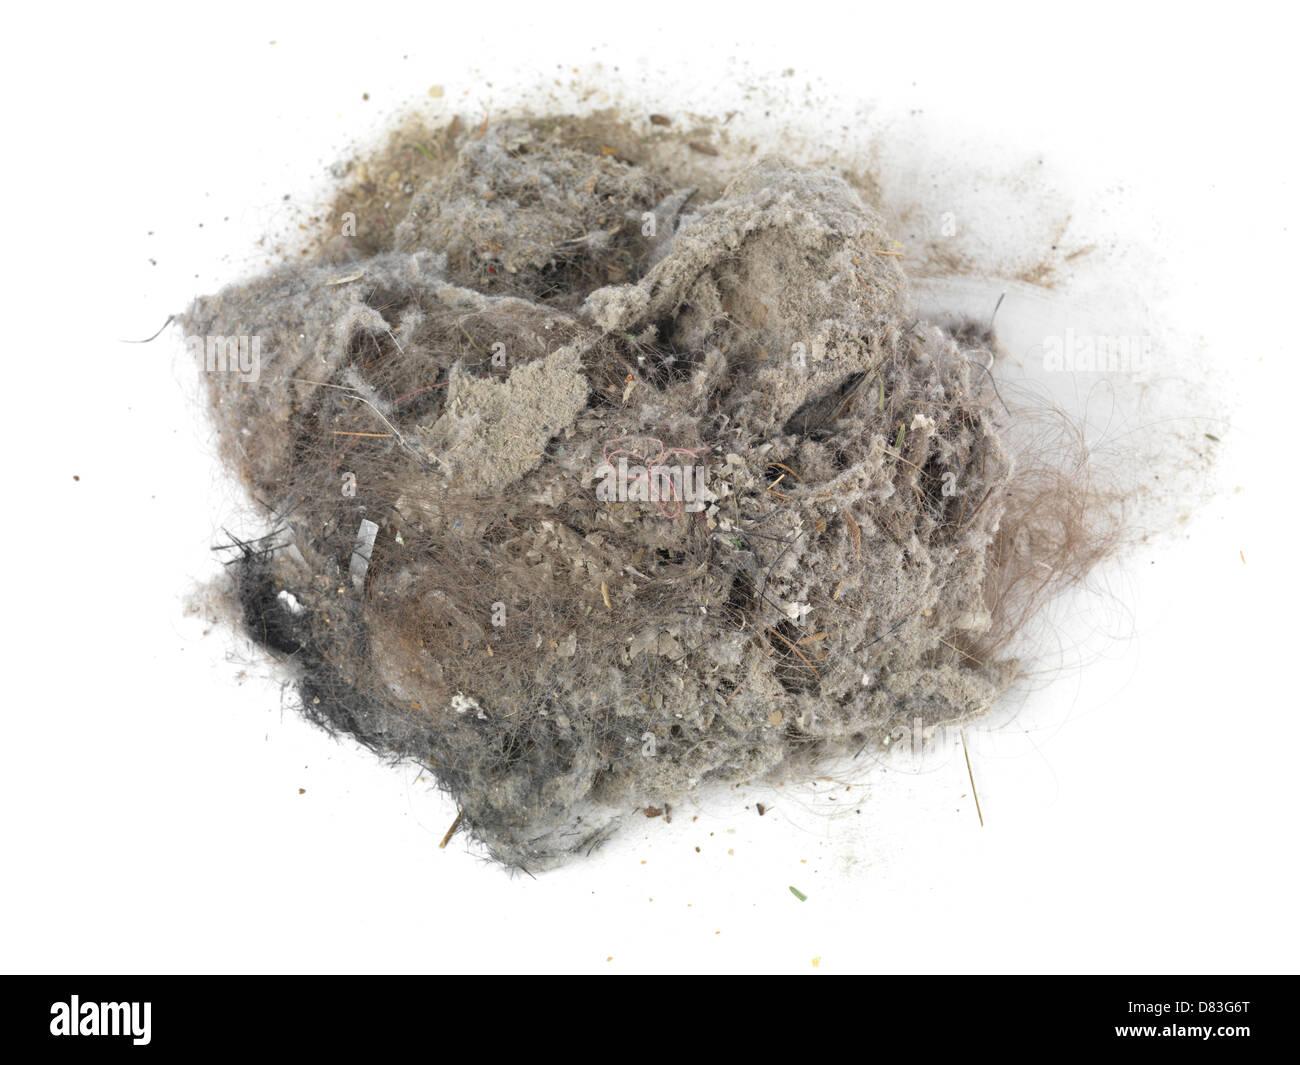 Haufen von Staub und Haare gesammelt mit einem Staubsauger isoliert auf weißem Hintergrund Stockbild